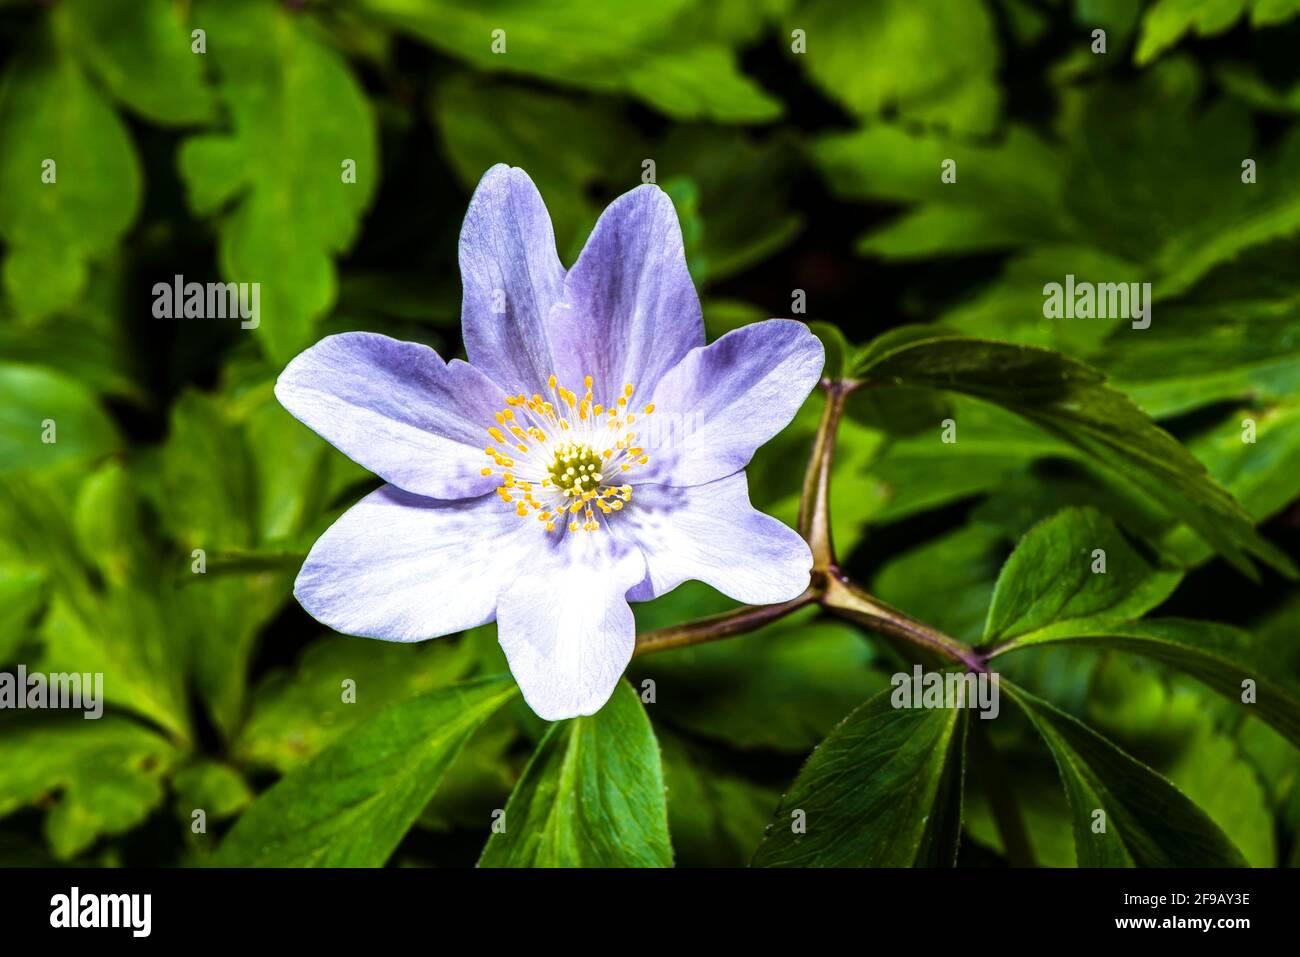 Primer plano de un Anemone (Anemone nemorosa) de madera de flor púrpura en un jardín de primavera del norte de Londres, Londres, Reino Unido Foto de stock